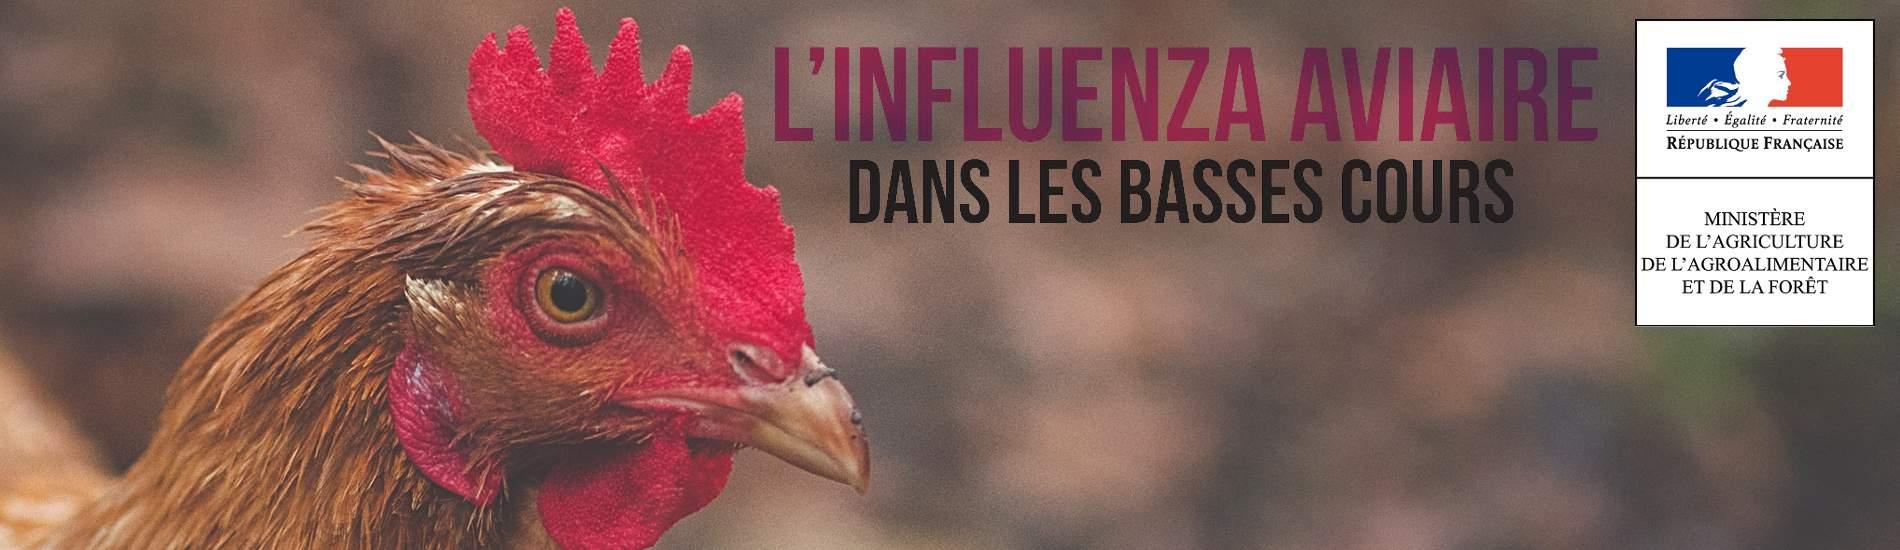 Renforcement des mesures face à Influenza Aviaire en basse cours